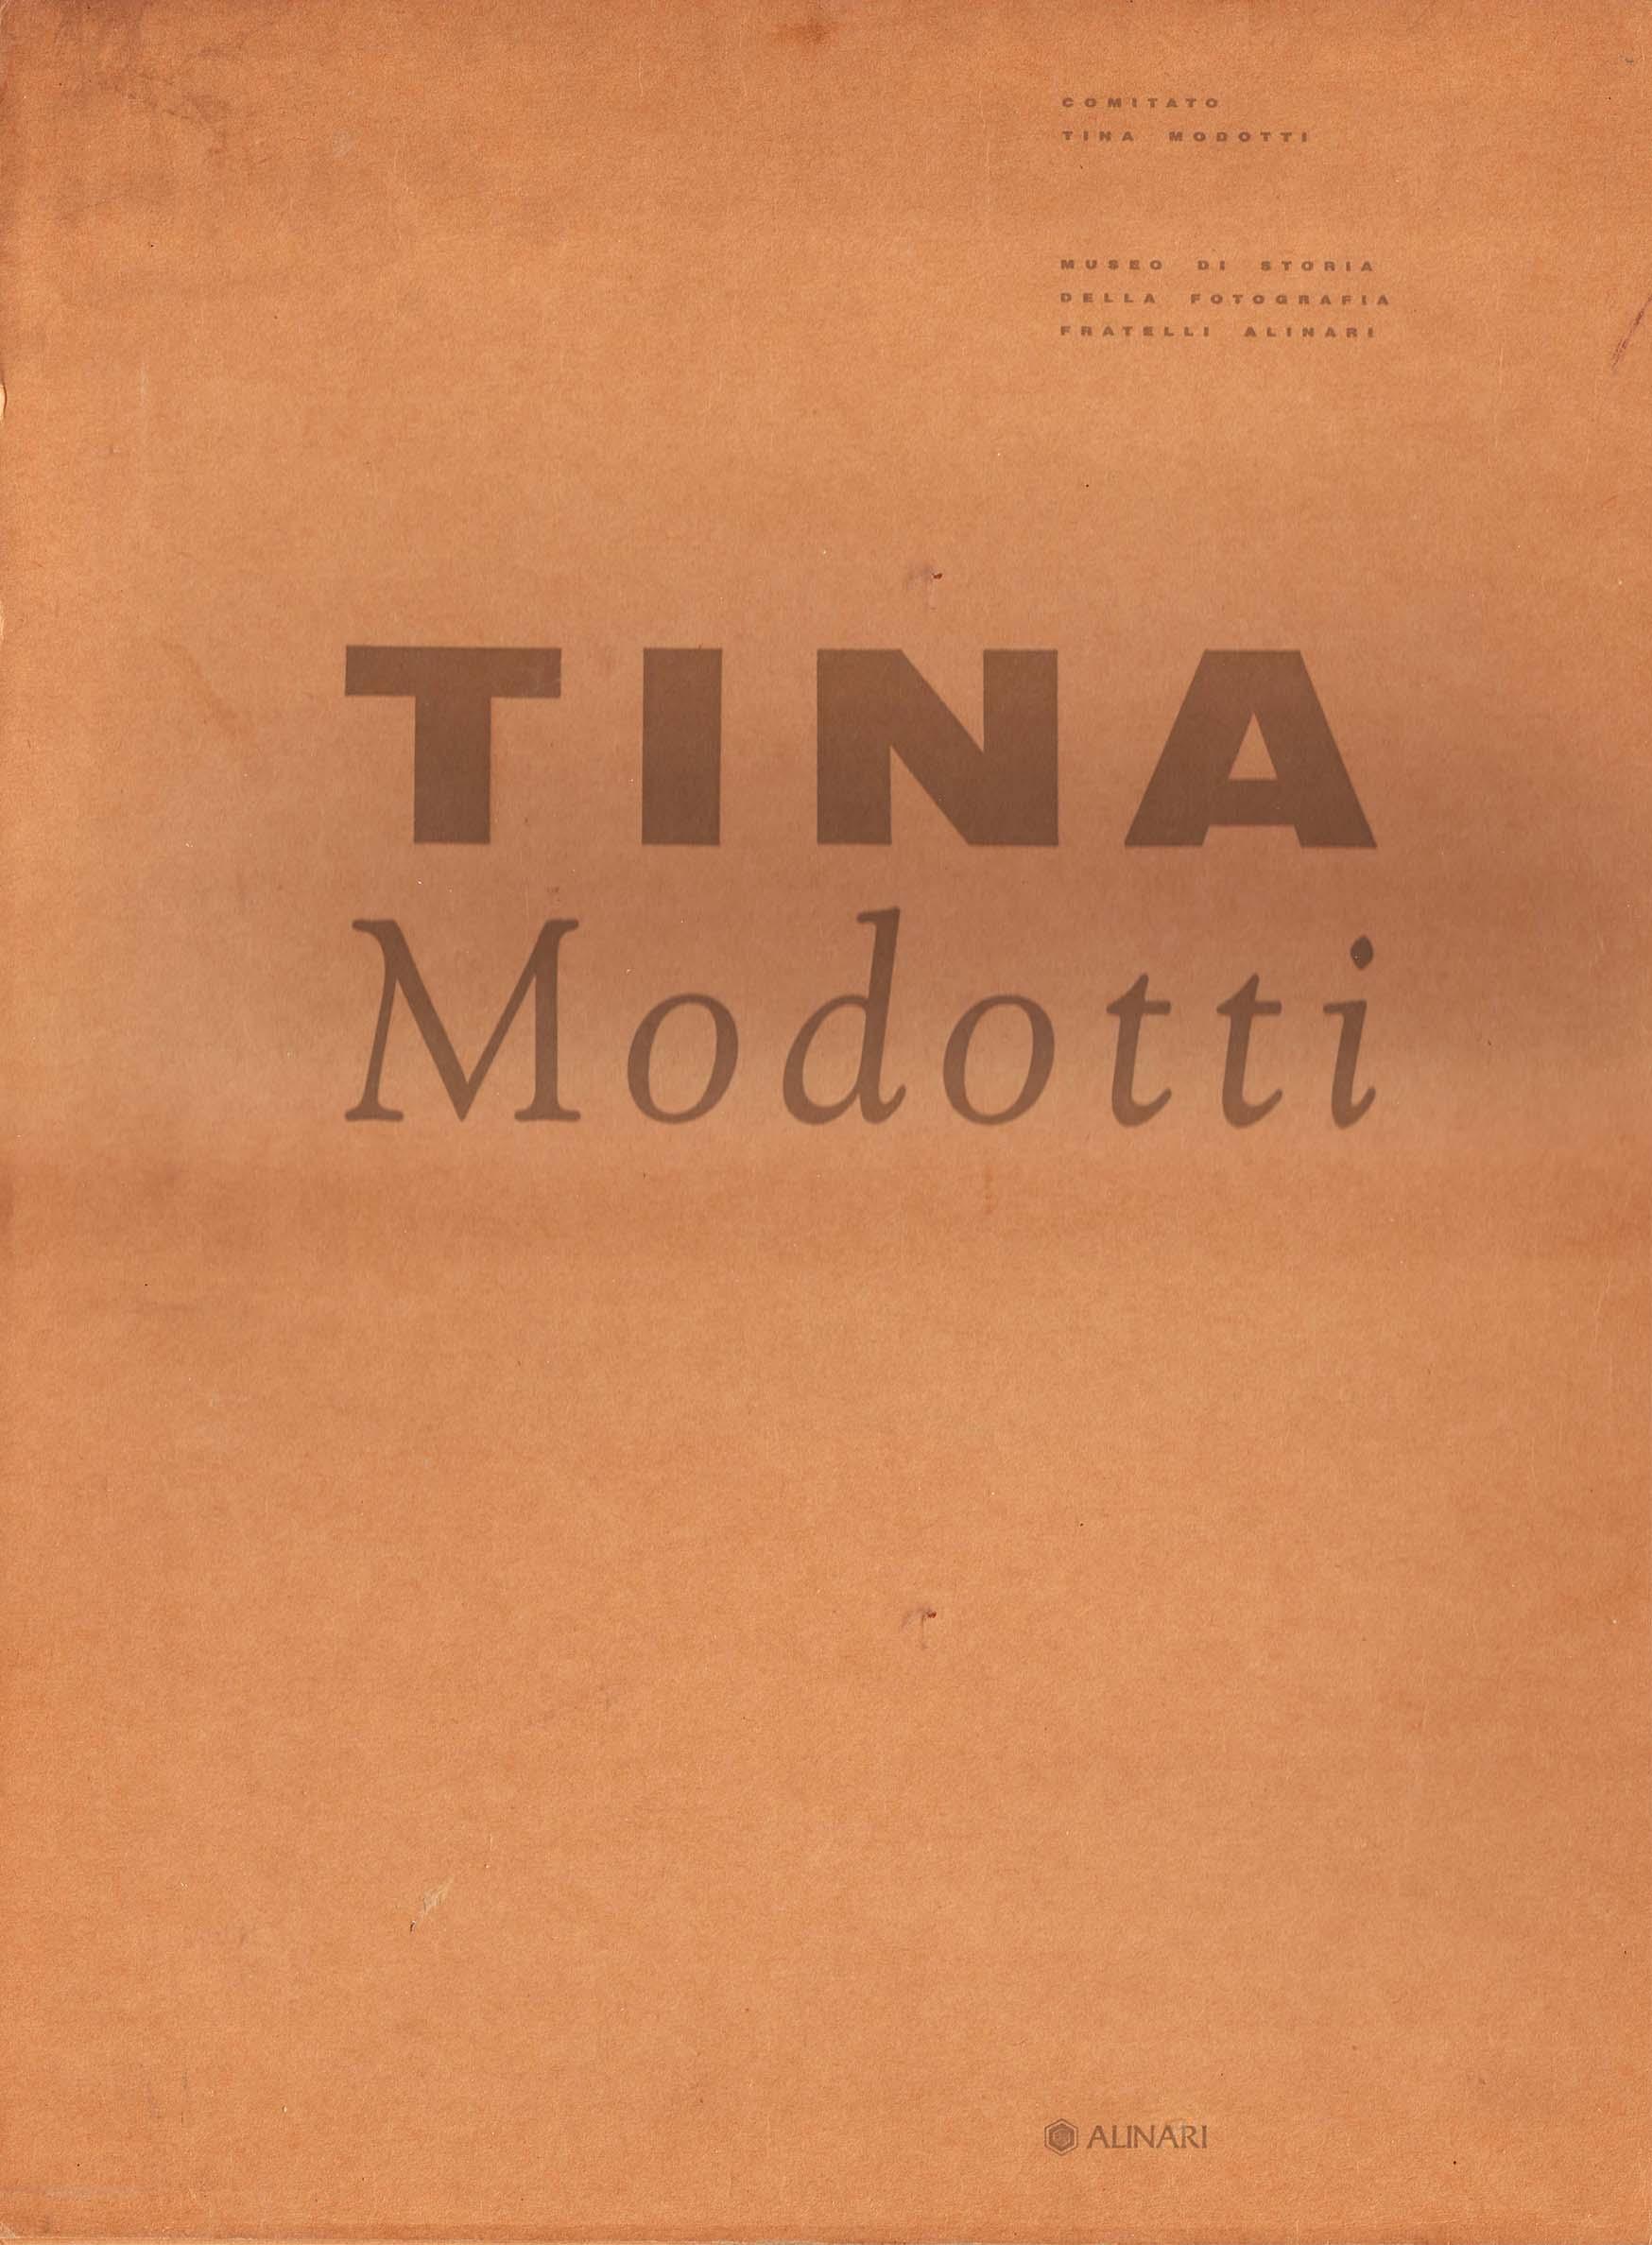 Assunta Adelaide Luigia Modotti, detta Tina